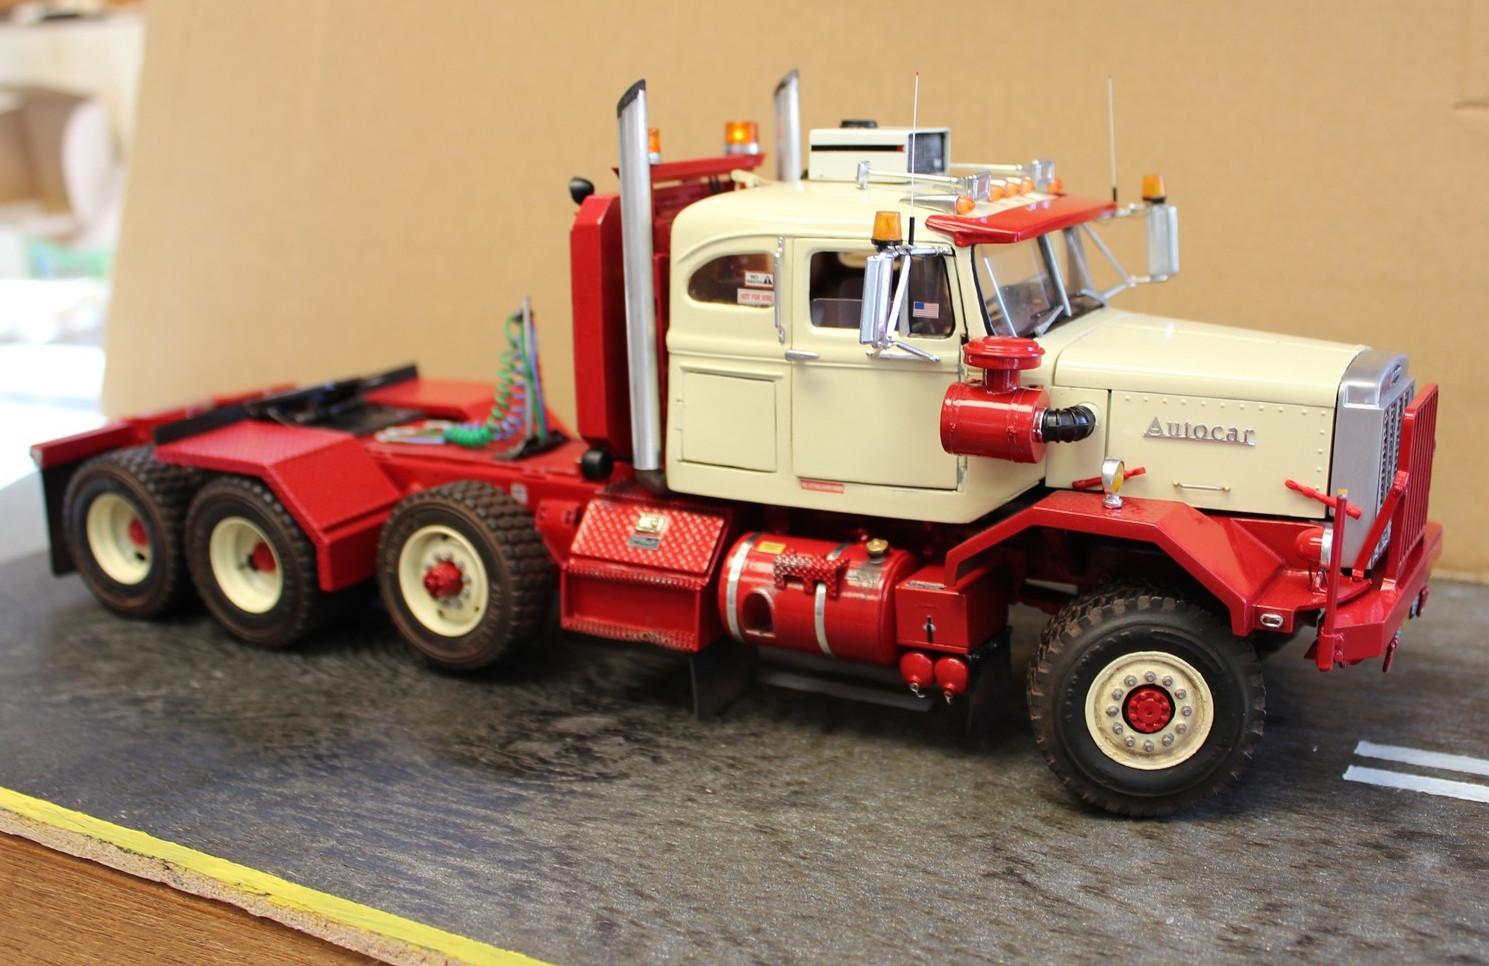 Autocar American Industrial Truck Models